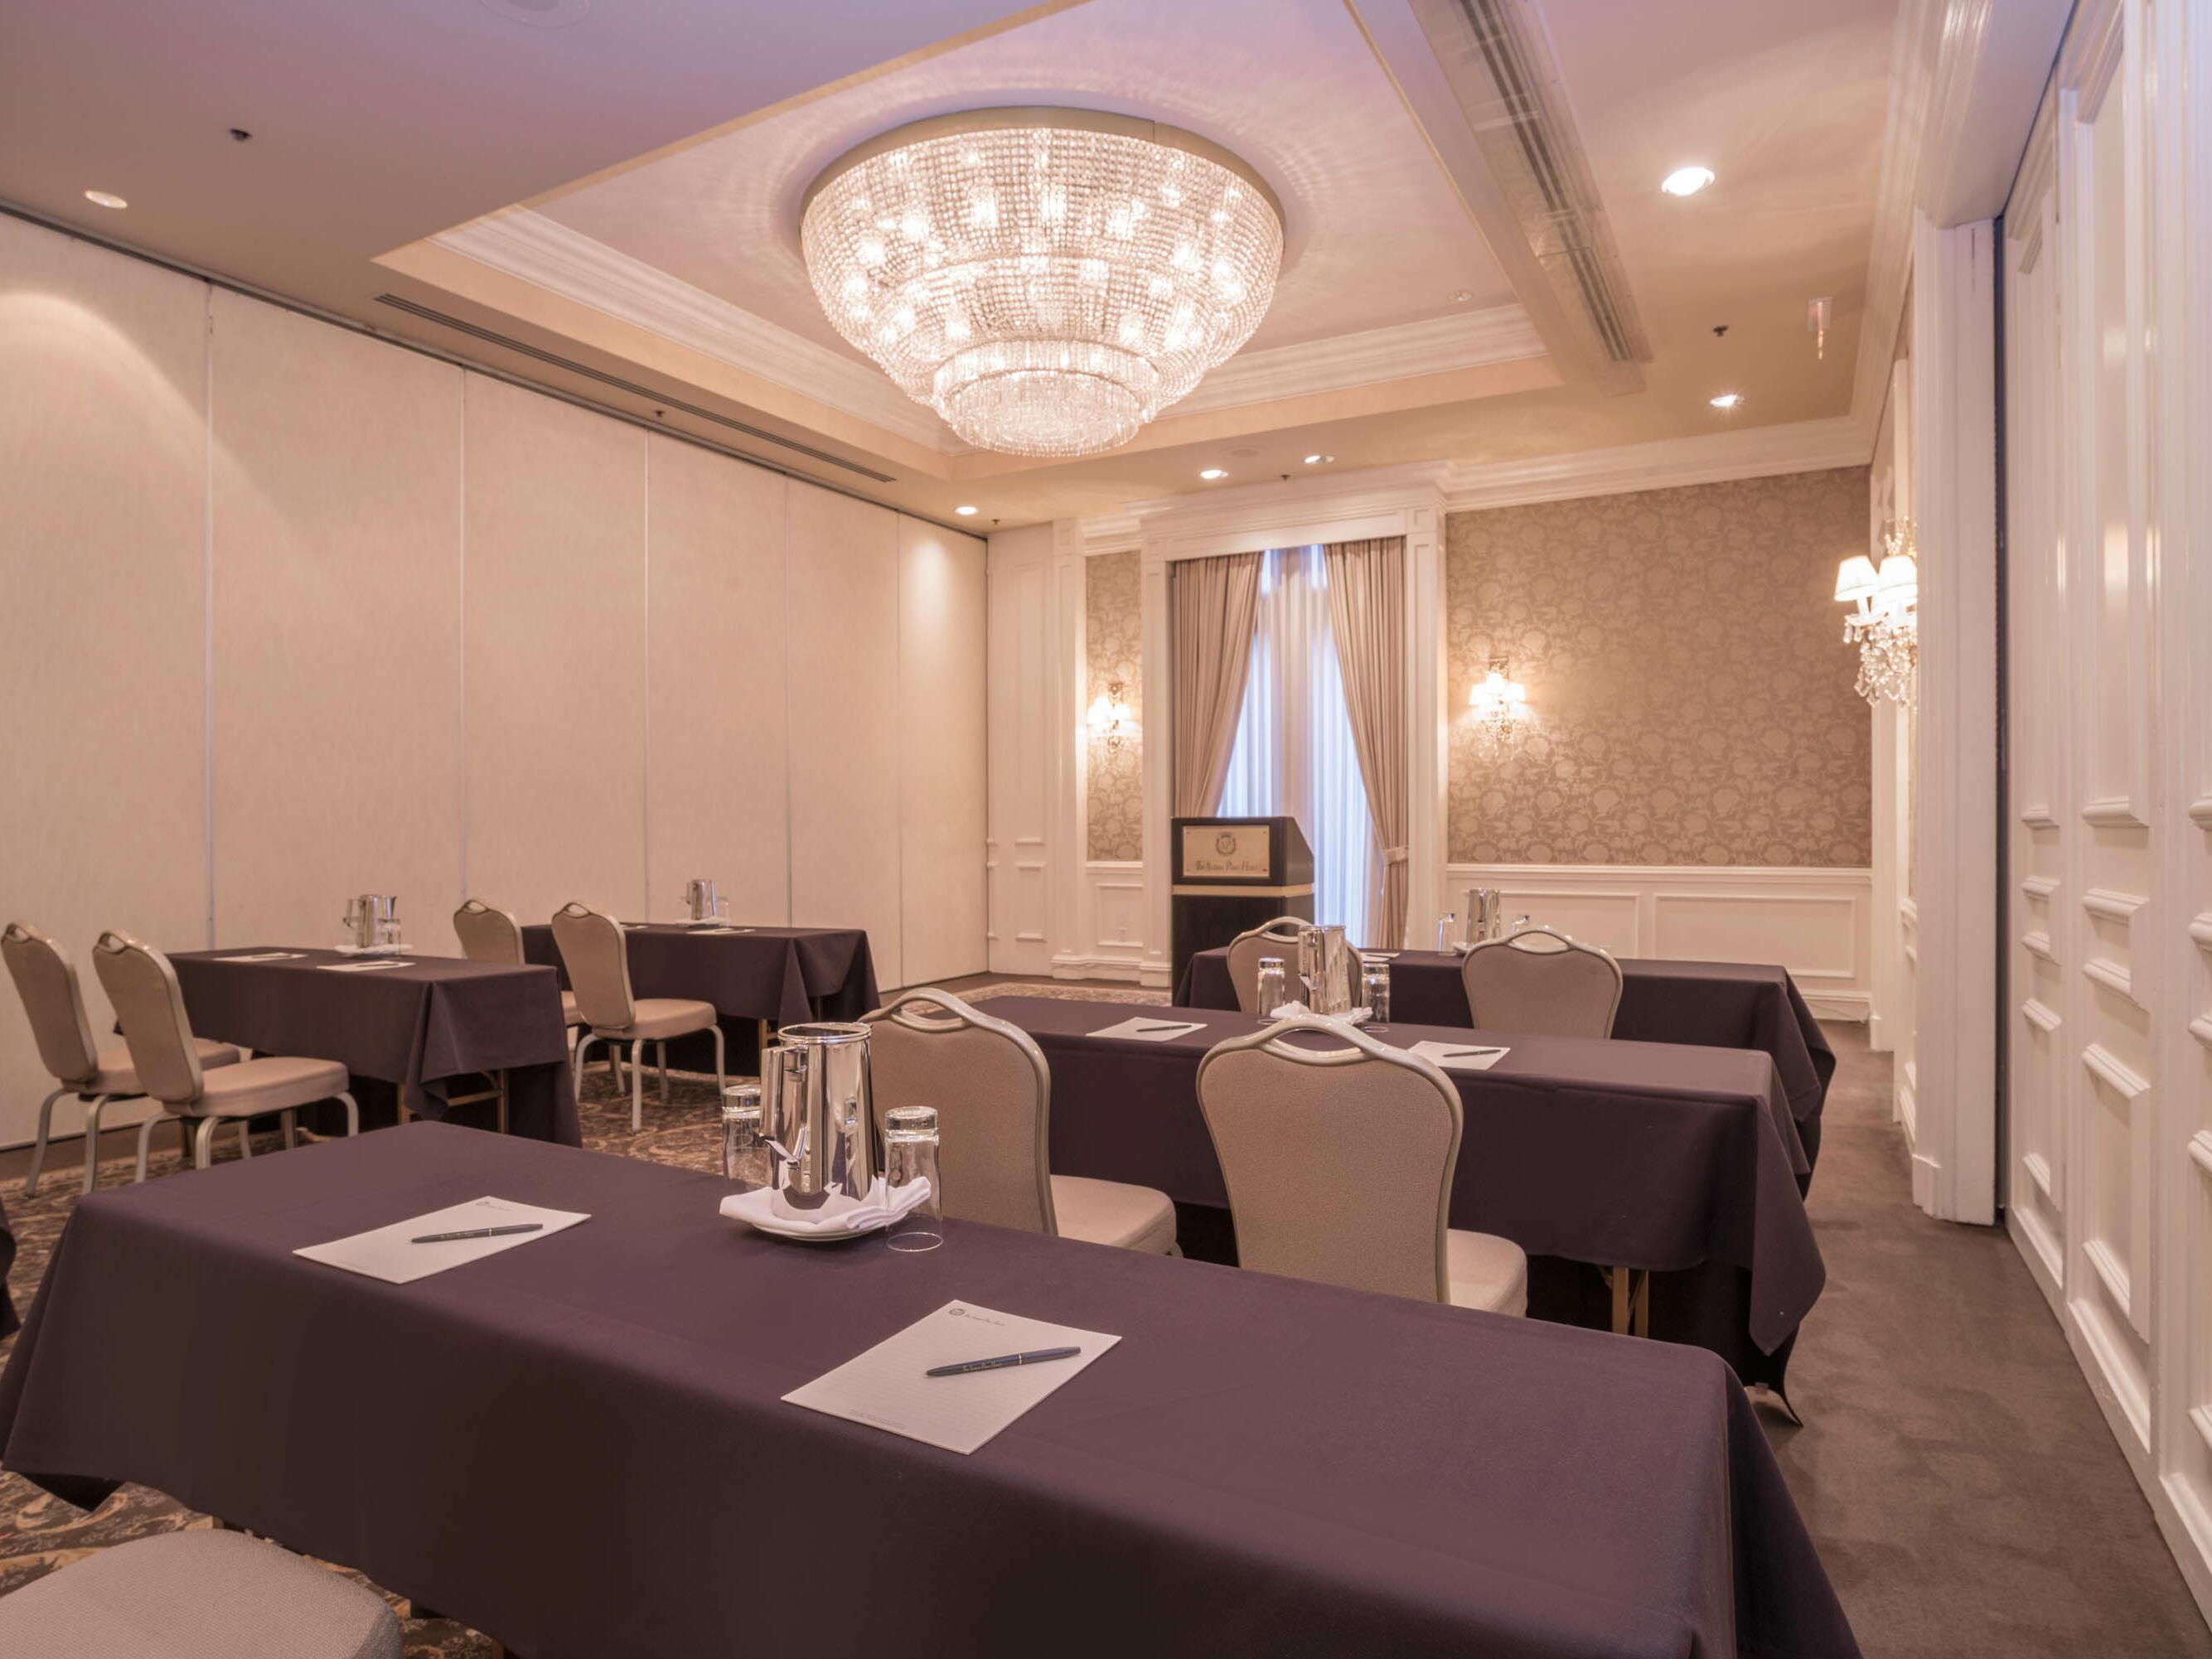 Le Versailles Salon A The Sutton Place Hotels